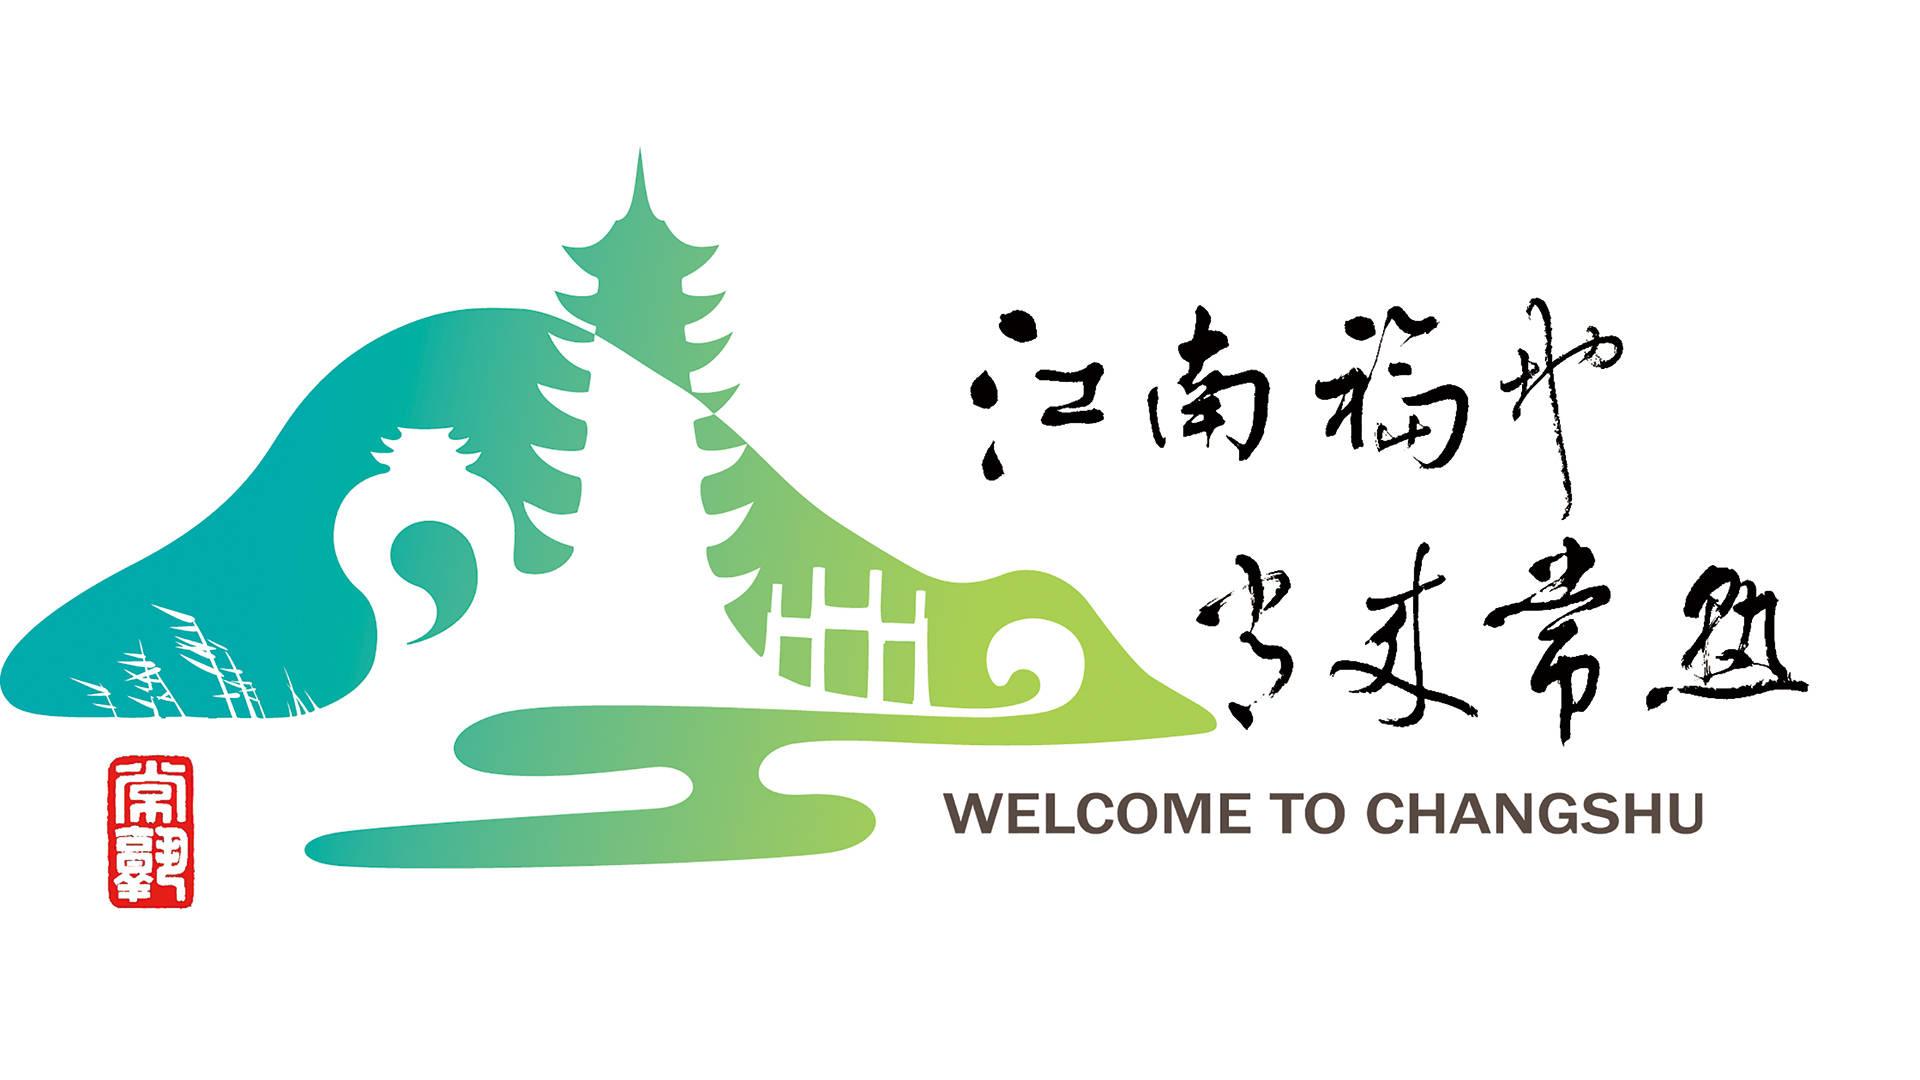 广元法制刘牧献唱常熟市旅游推广曲《常来常熟》,中国旅游日向你发出邀约